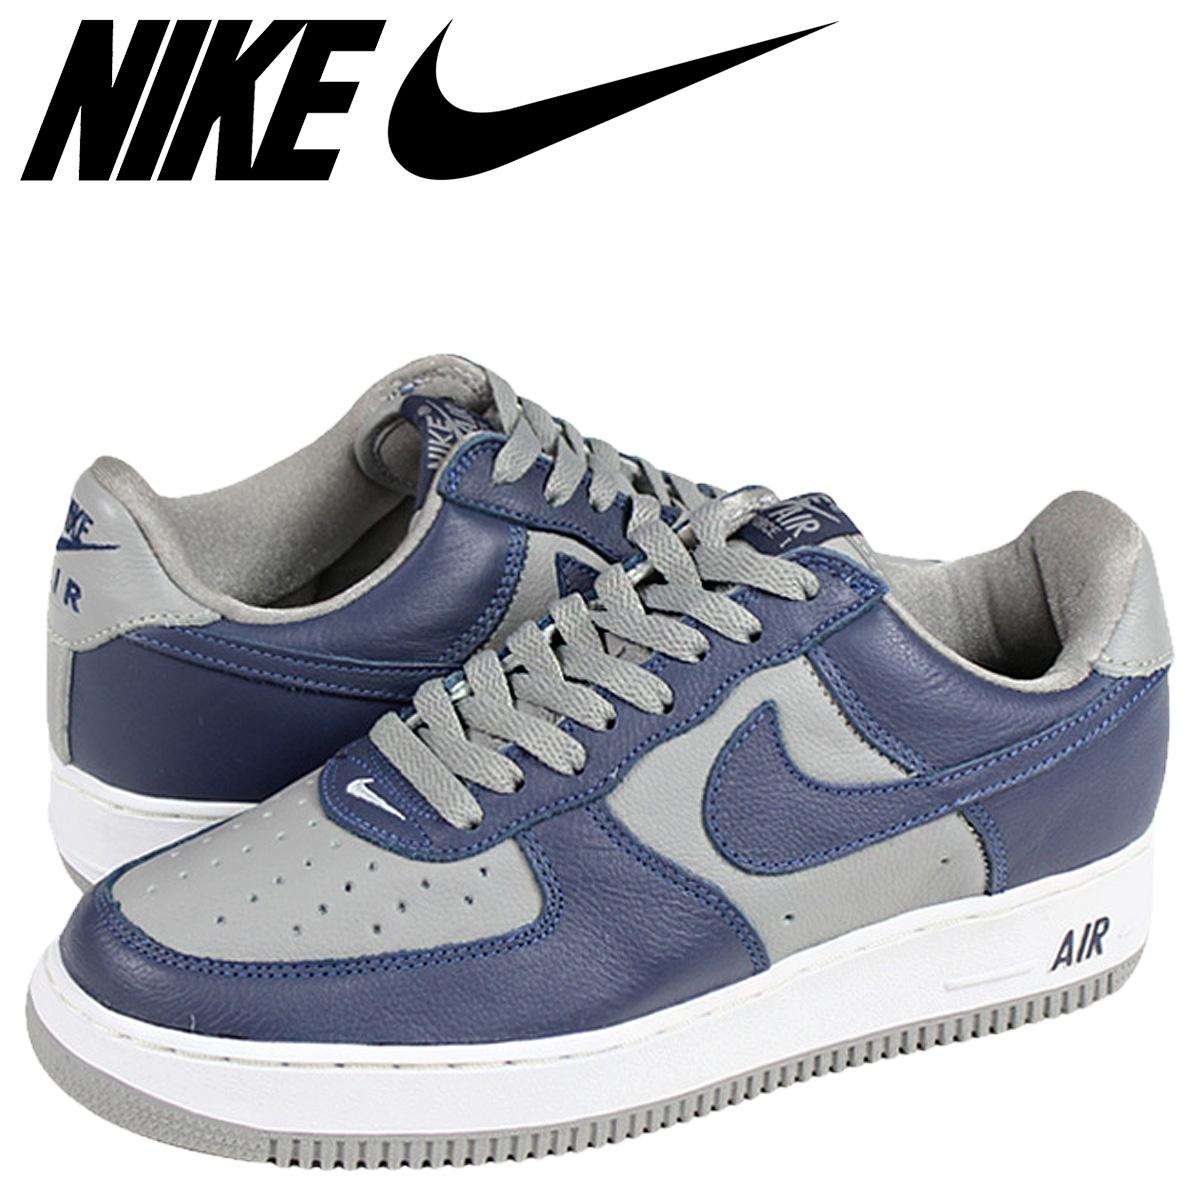 Nike Air Force 1 Noms Faible Couleurs